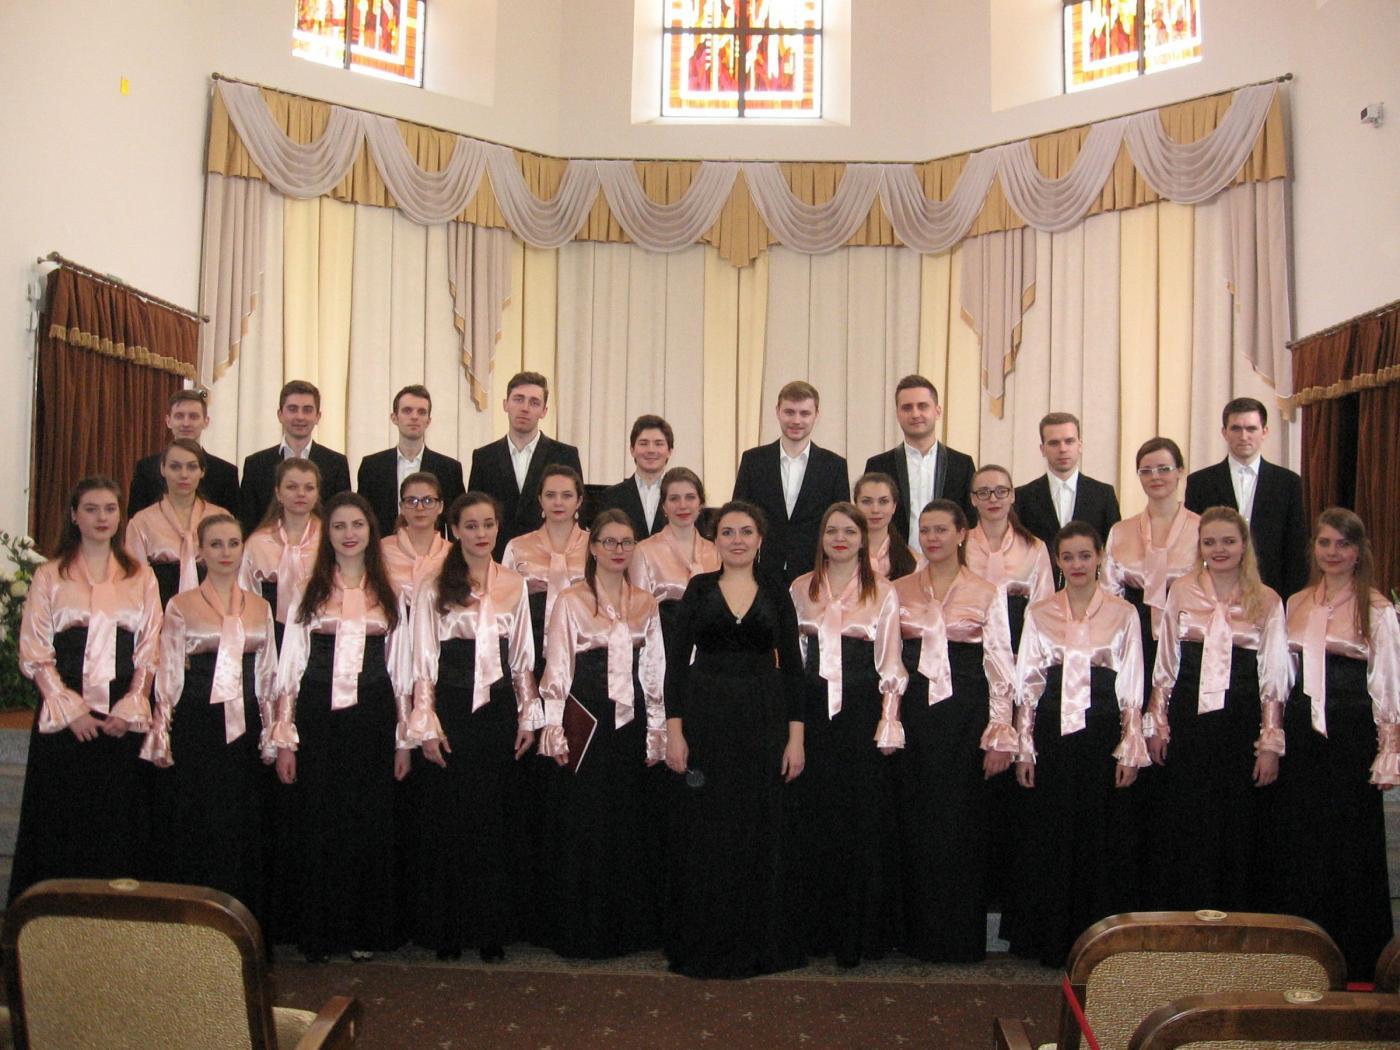 Народная хоровая капелла БНТУ стала лауреатом I Международного хорового конкурса им. В. Ровдо